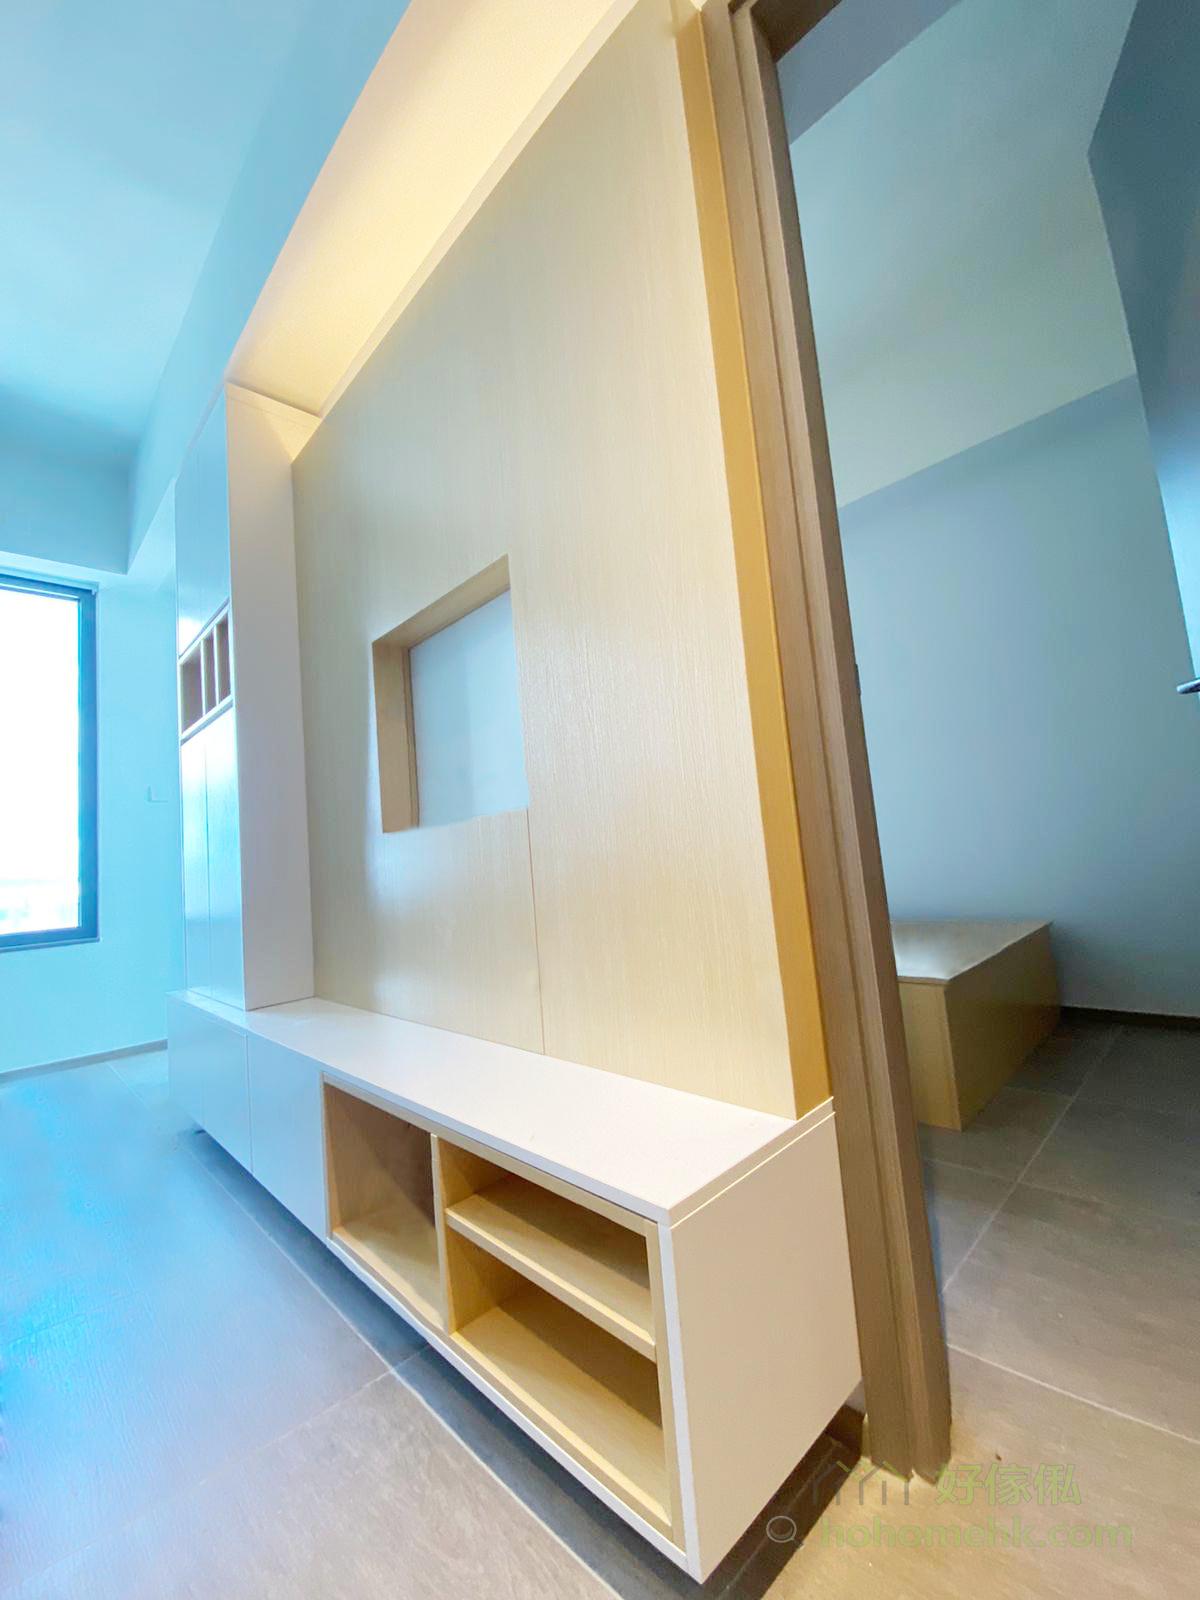 純白與淺木色是永遠不會出錯的拼色,拼色搭配純色和木紋不同的材質拼法,能夠堆砌出空間的層次感